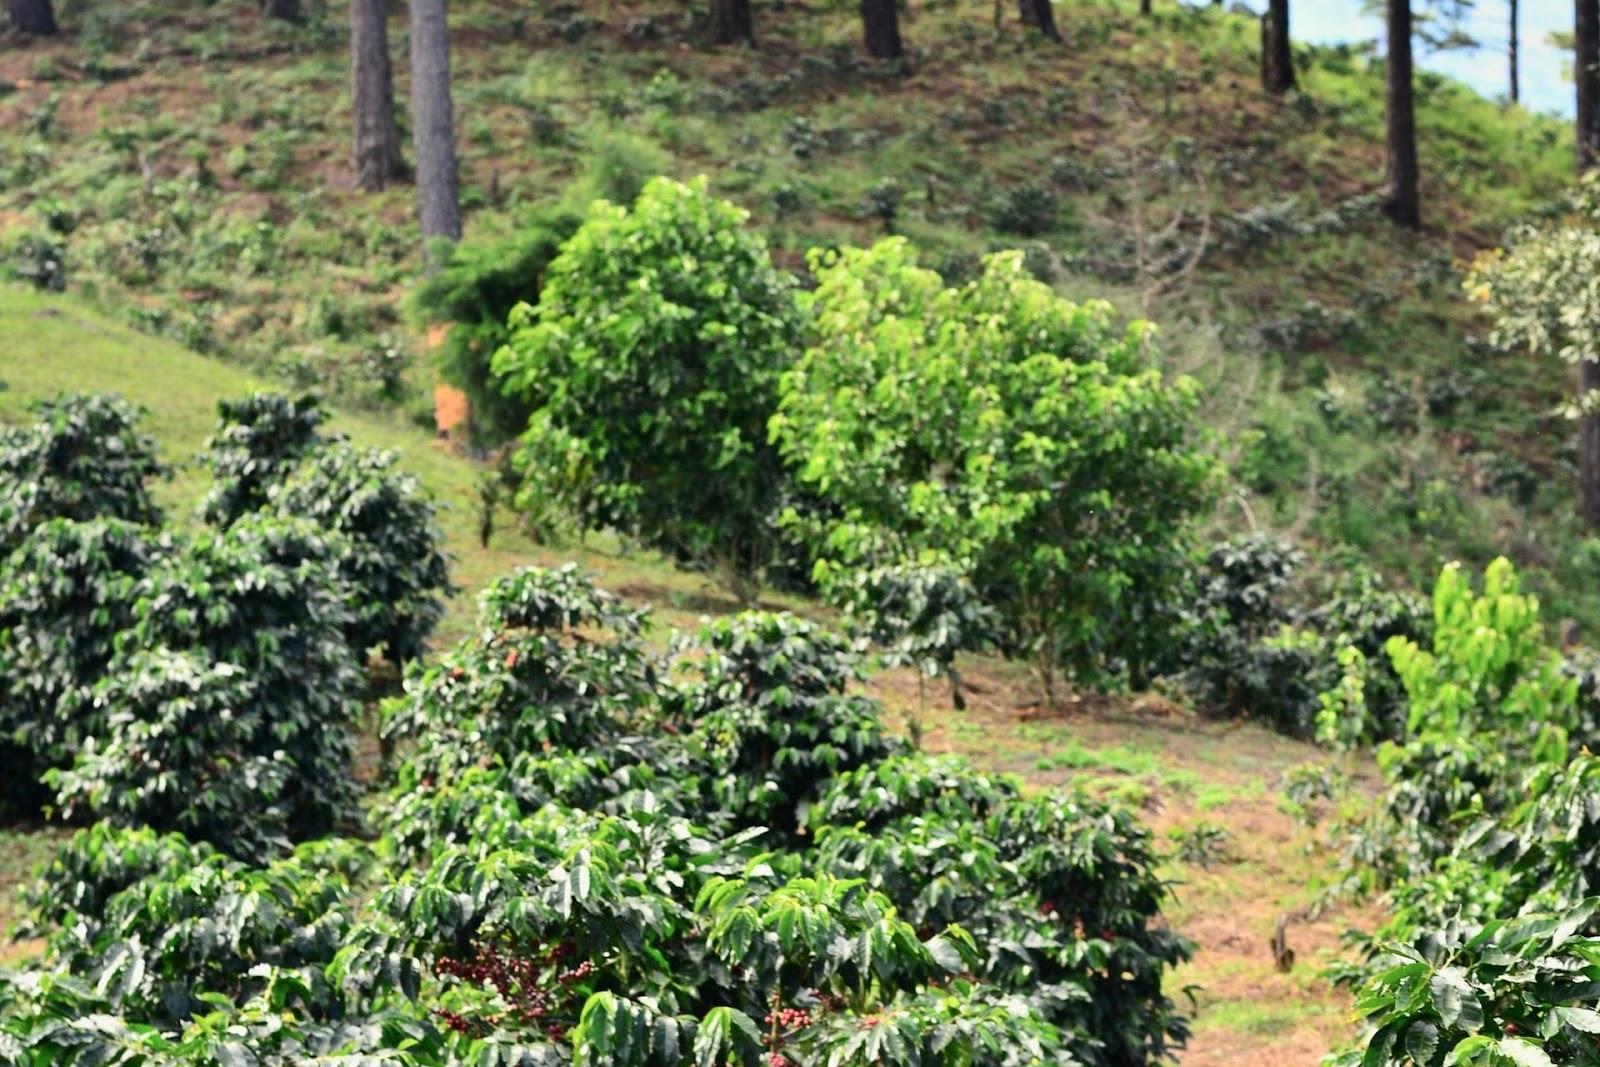 Prática já é bastante difundida em outras culturas (Fonte: Unsplash)plantio de café